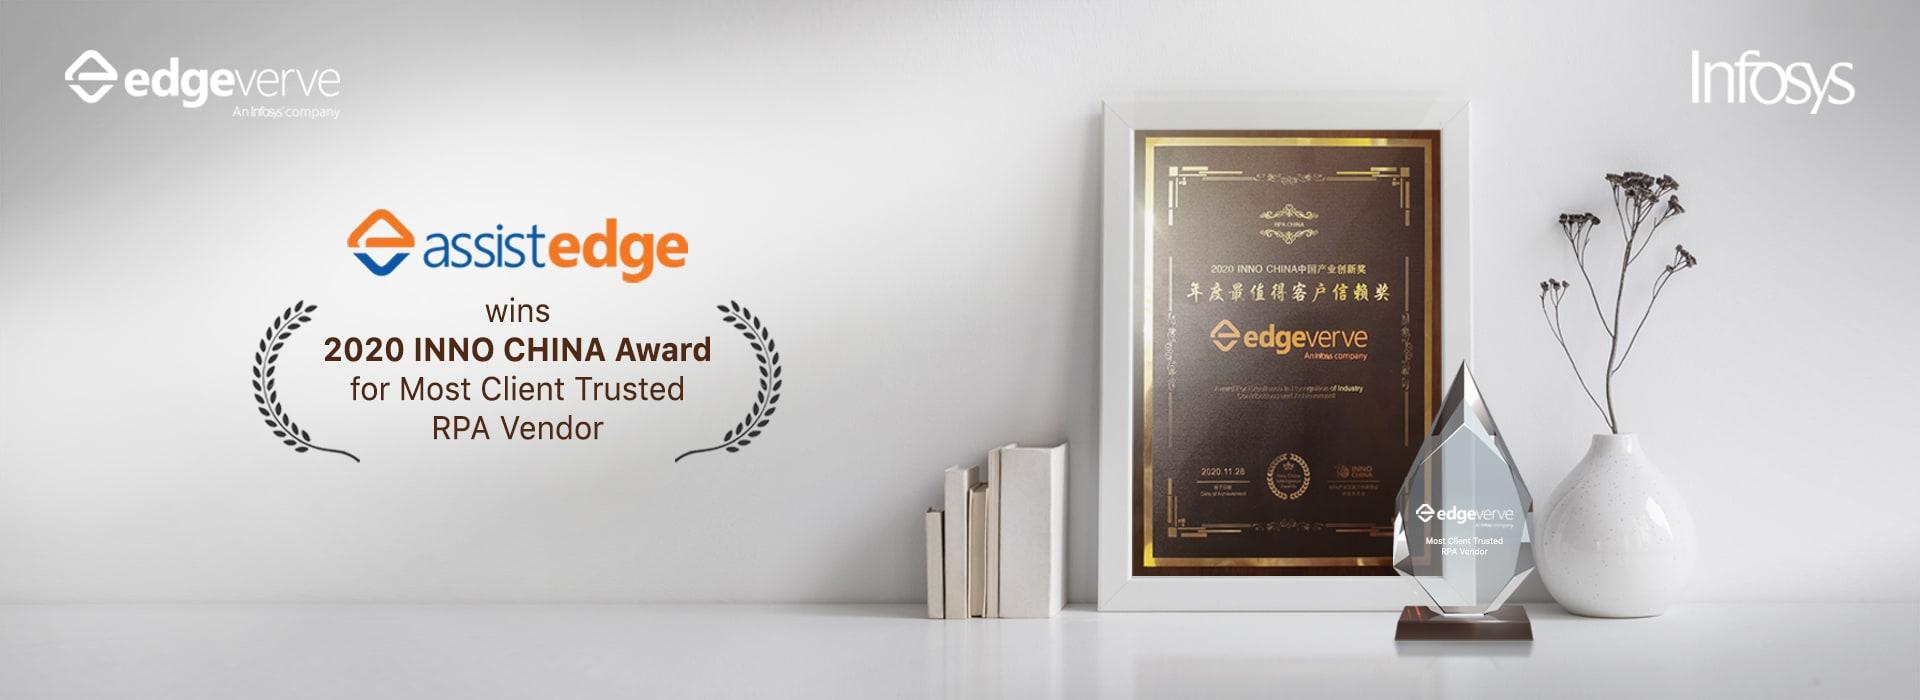 AssistEdge-China-Summer-Award-bgs